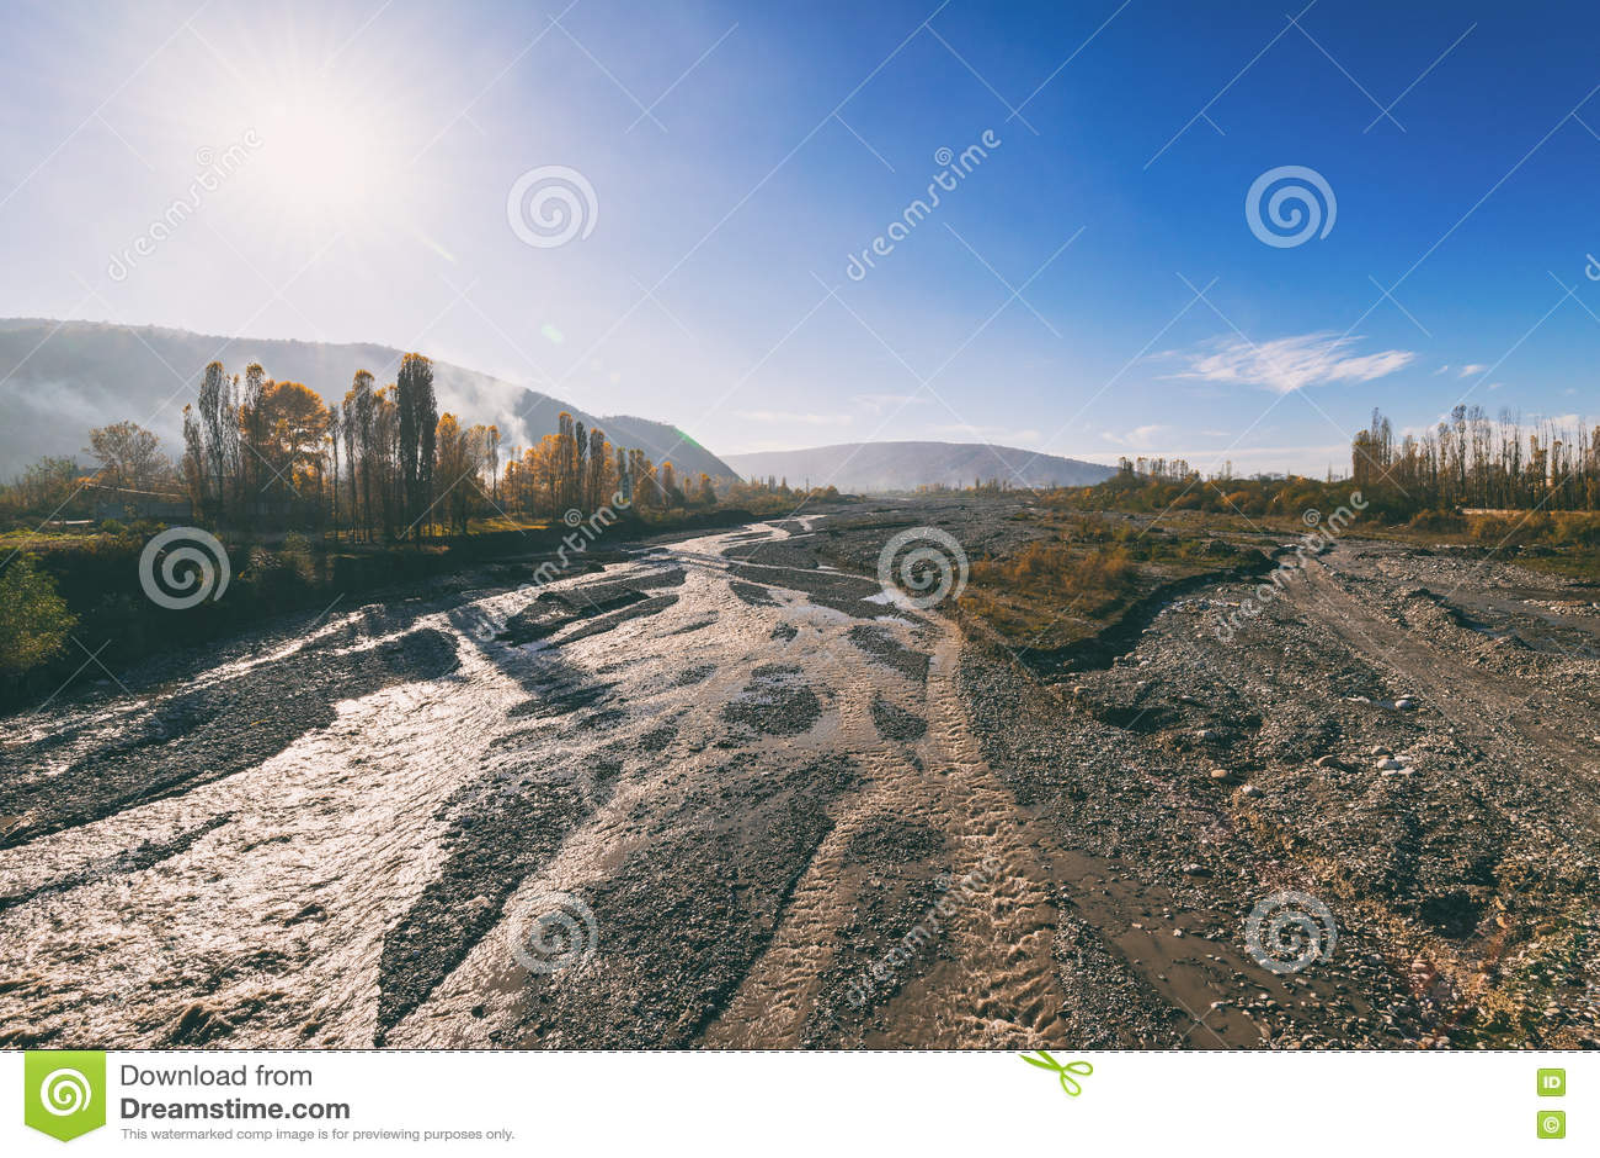 Letto di fiume fotografia stock immagine 81128368 - Letto di un fiume ...